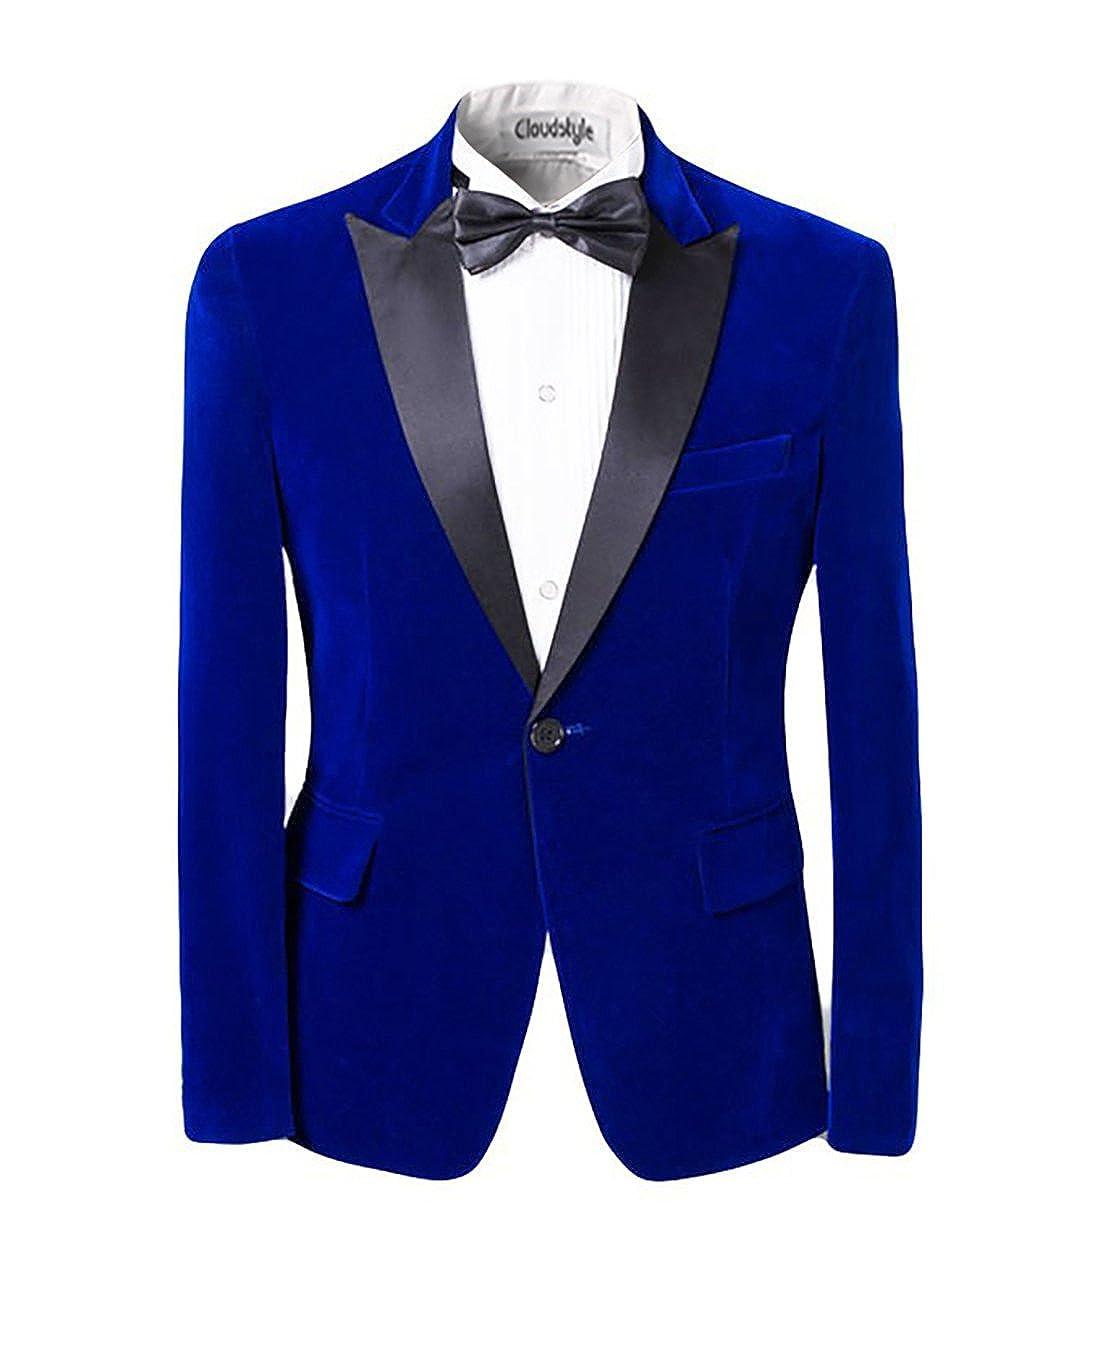 Men Notched Lapel Center-Vent One-Button Blazer TUXEDO Casual Dress Suit Slim Fit Jackets & Trousers X-Large HZ010b-XL